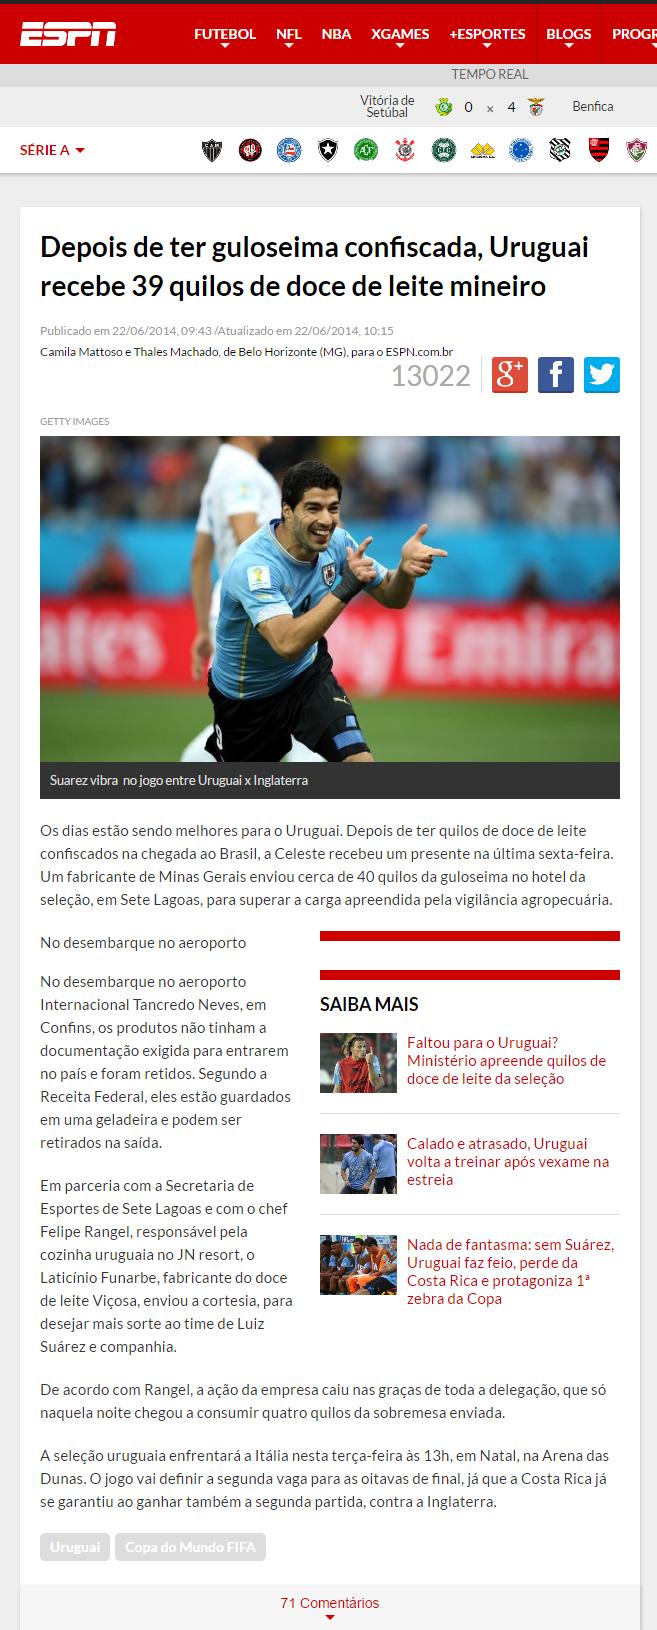 screenshot-espn.uol_.com_.br-2014-09-12-18-08-19-e1492726997318